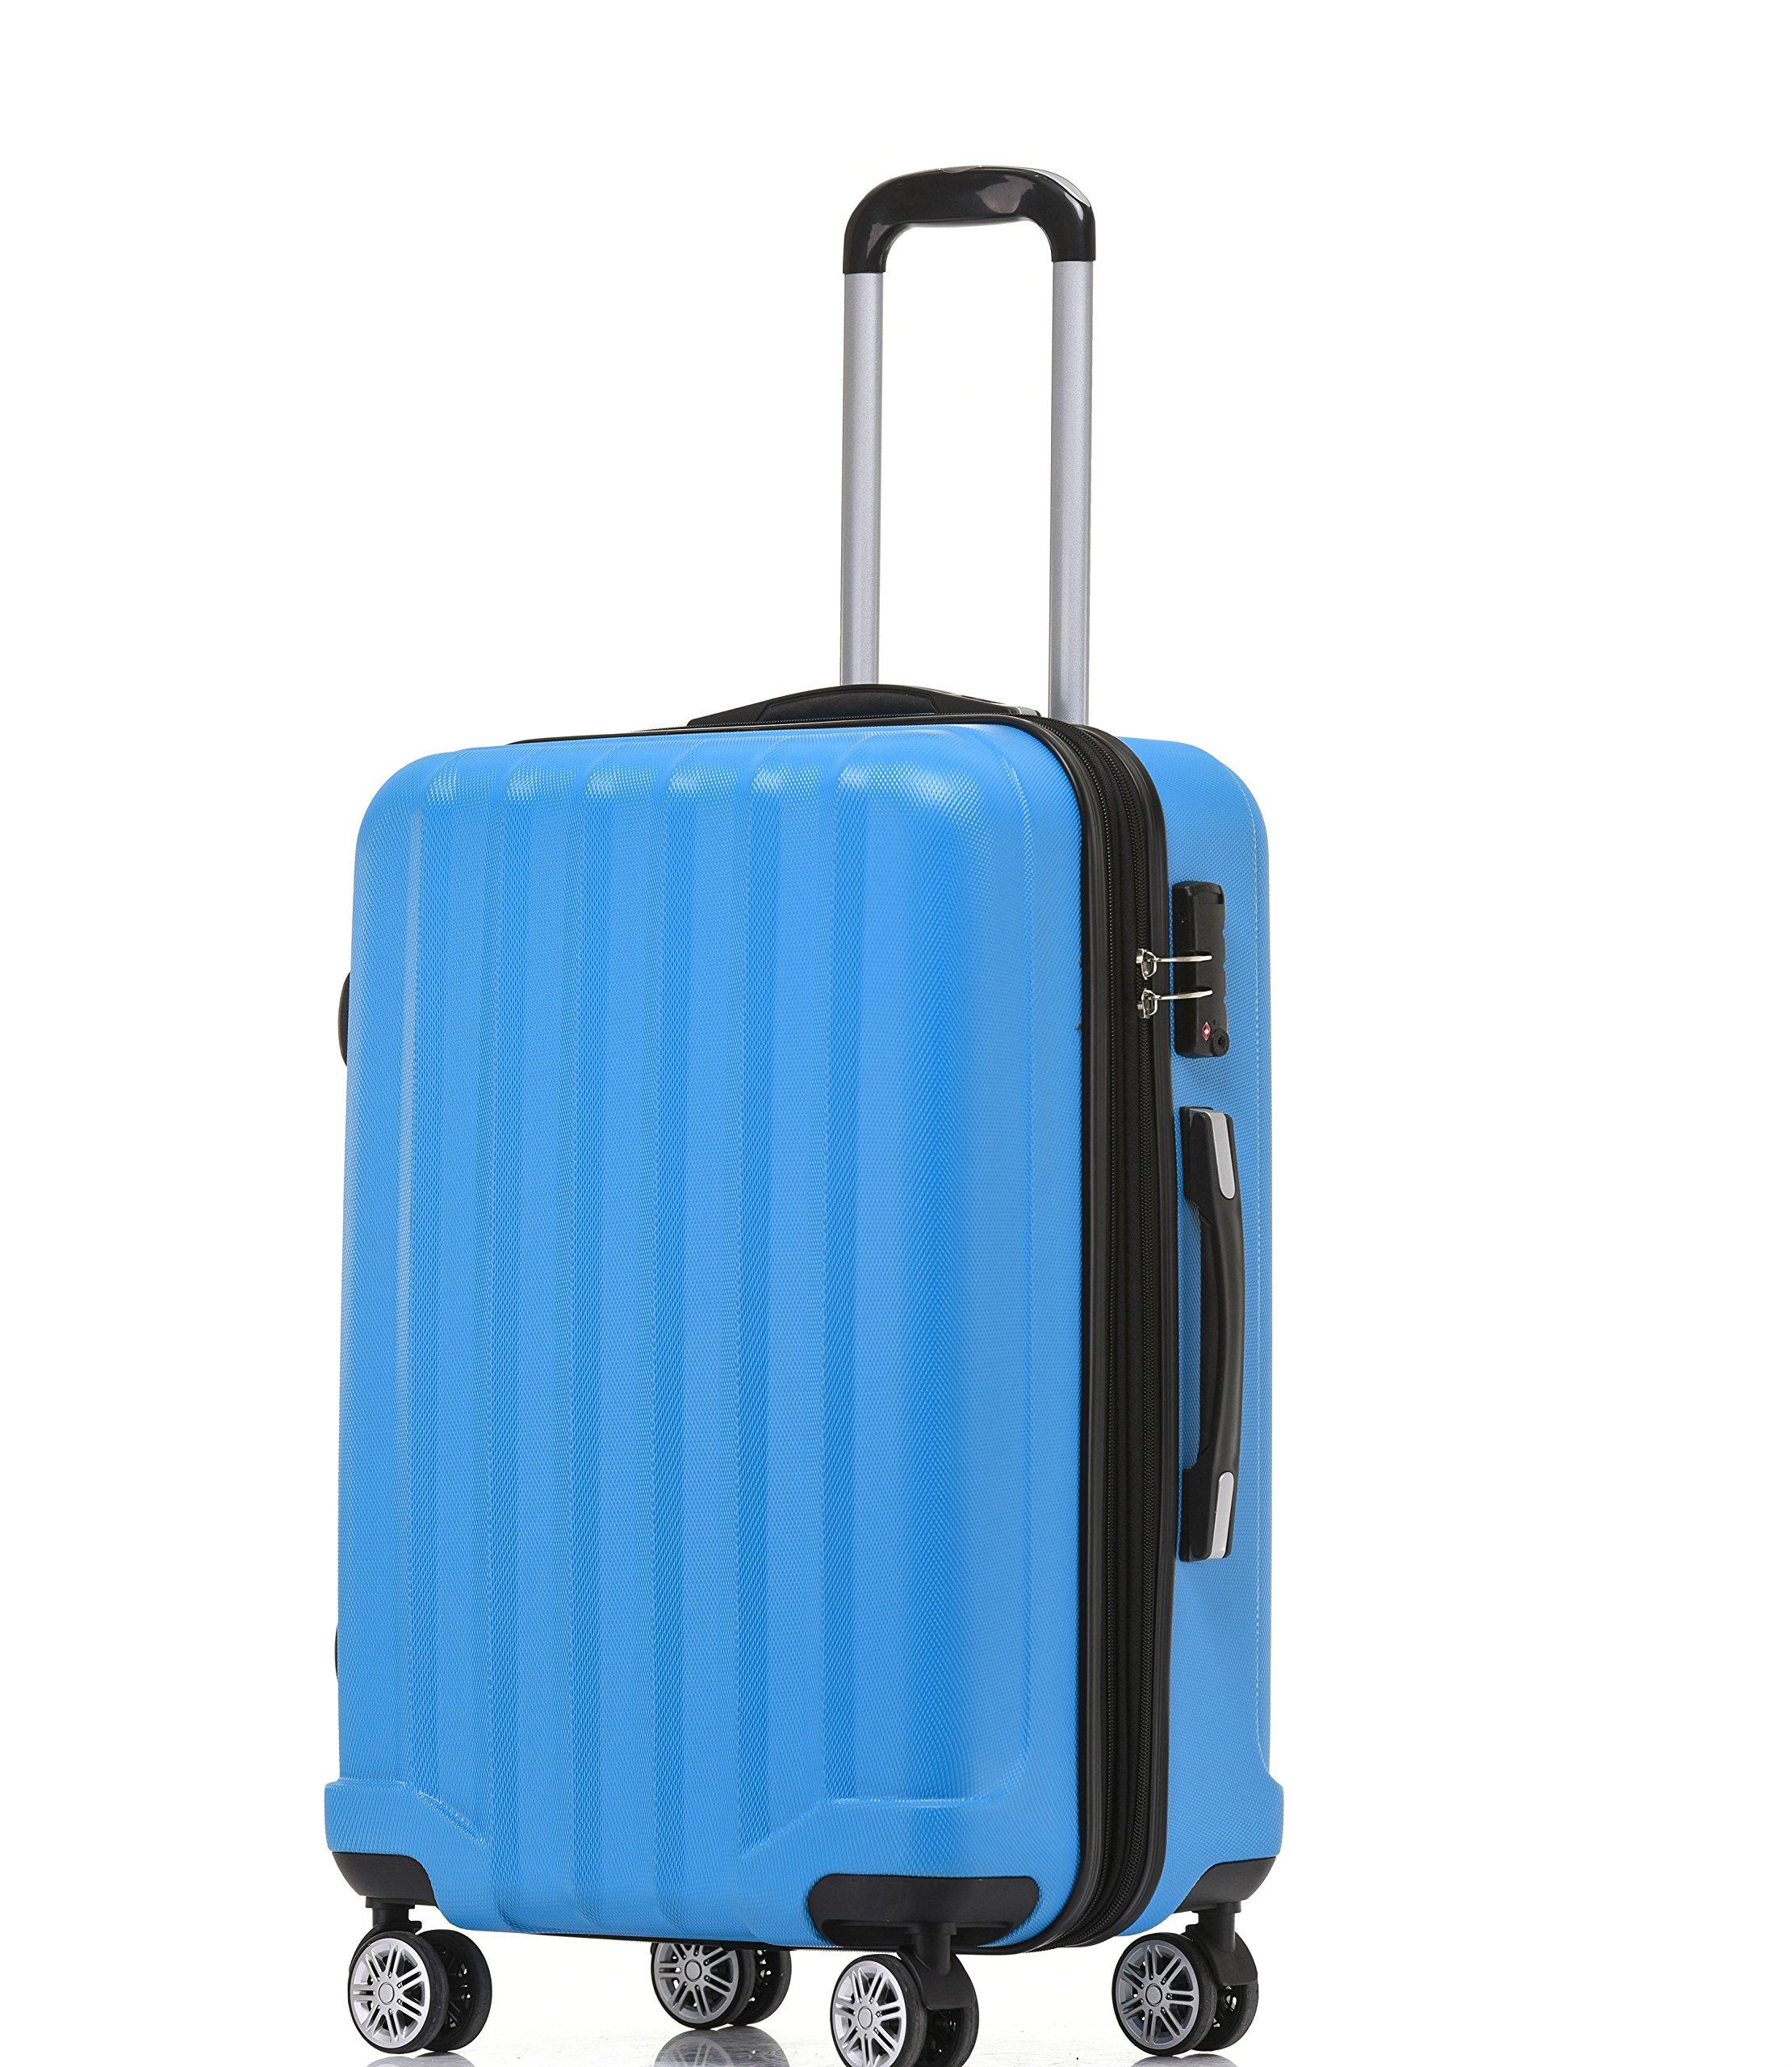 BEIBYE-TSA-Schlo-2080-Hangepck-Zwillingsrollen-neu-Reisekoffer-Koffer-Trolley-Hartschale-Set-XL-L-MBoardcase